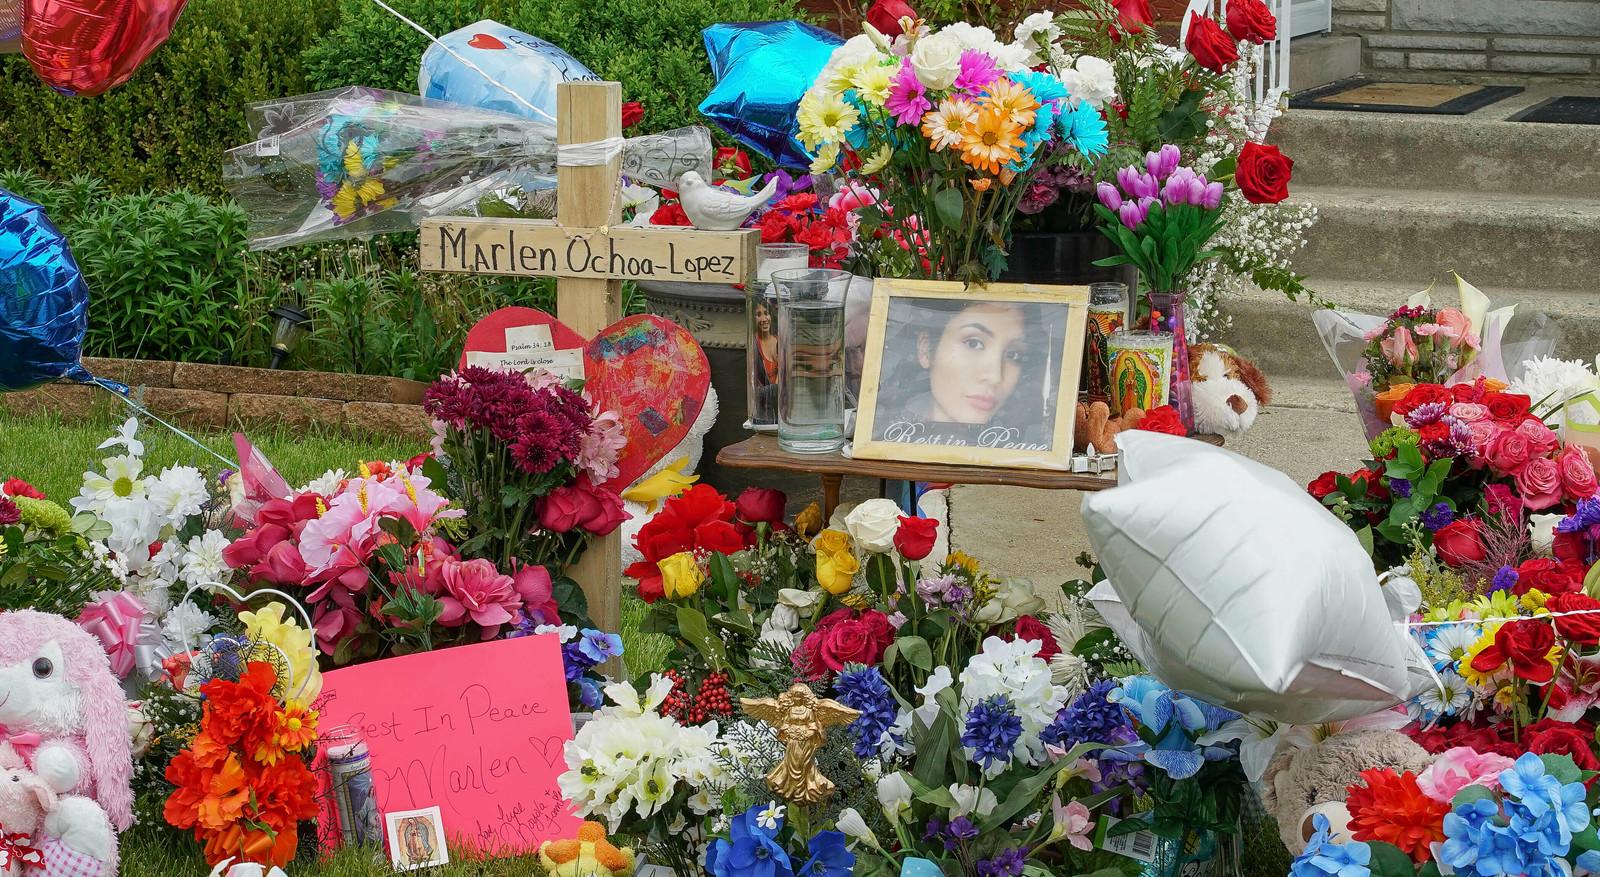 Bloemen ter nagedachtenis van de vermoorde Marlen Ochoa-Lopez.